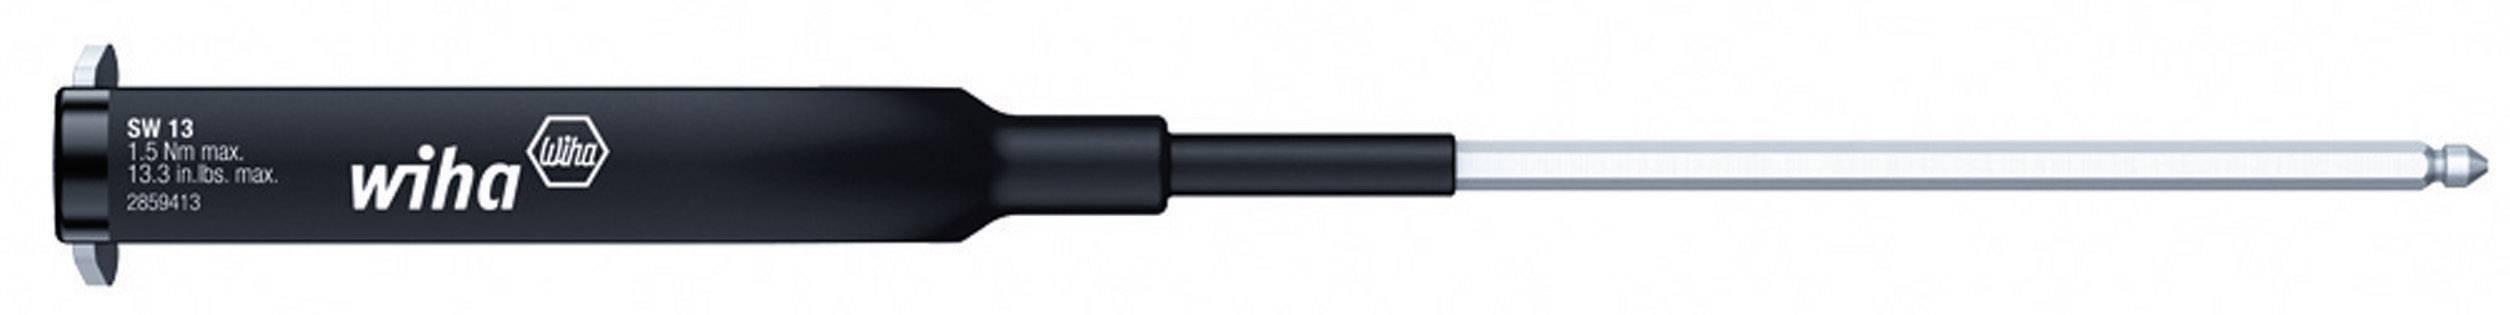 Bit momentového klíče pro kabelové konektory Wiha SW 14